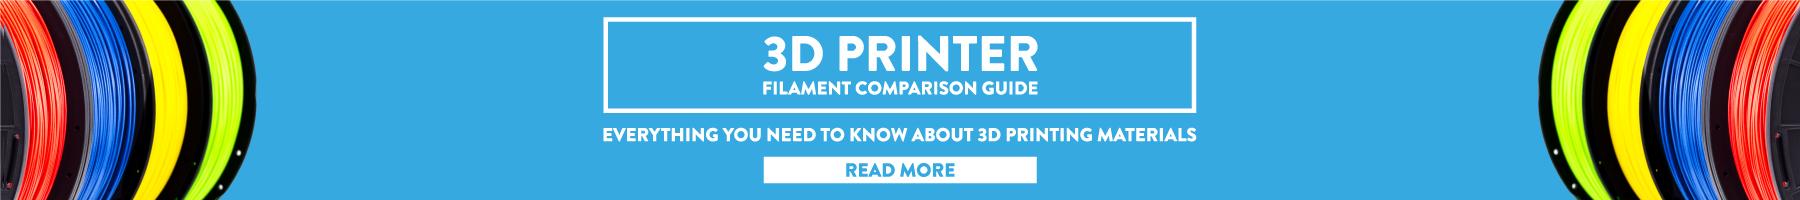 Filament Comparison Guide